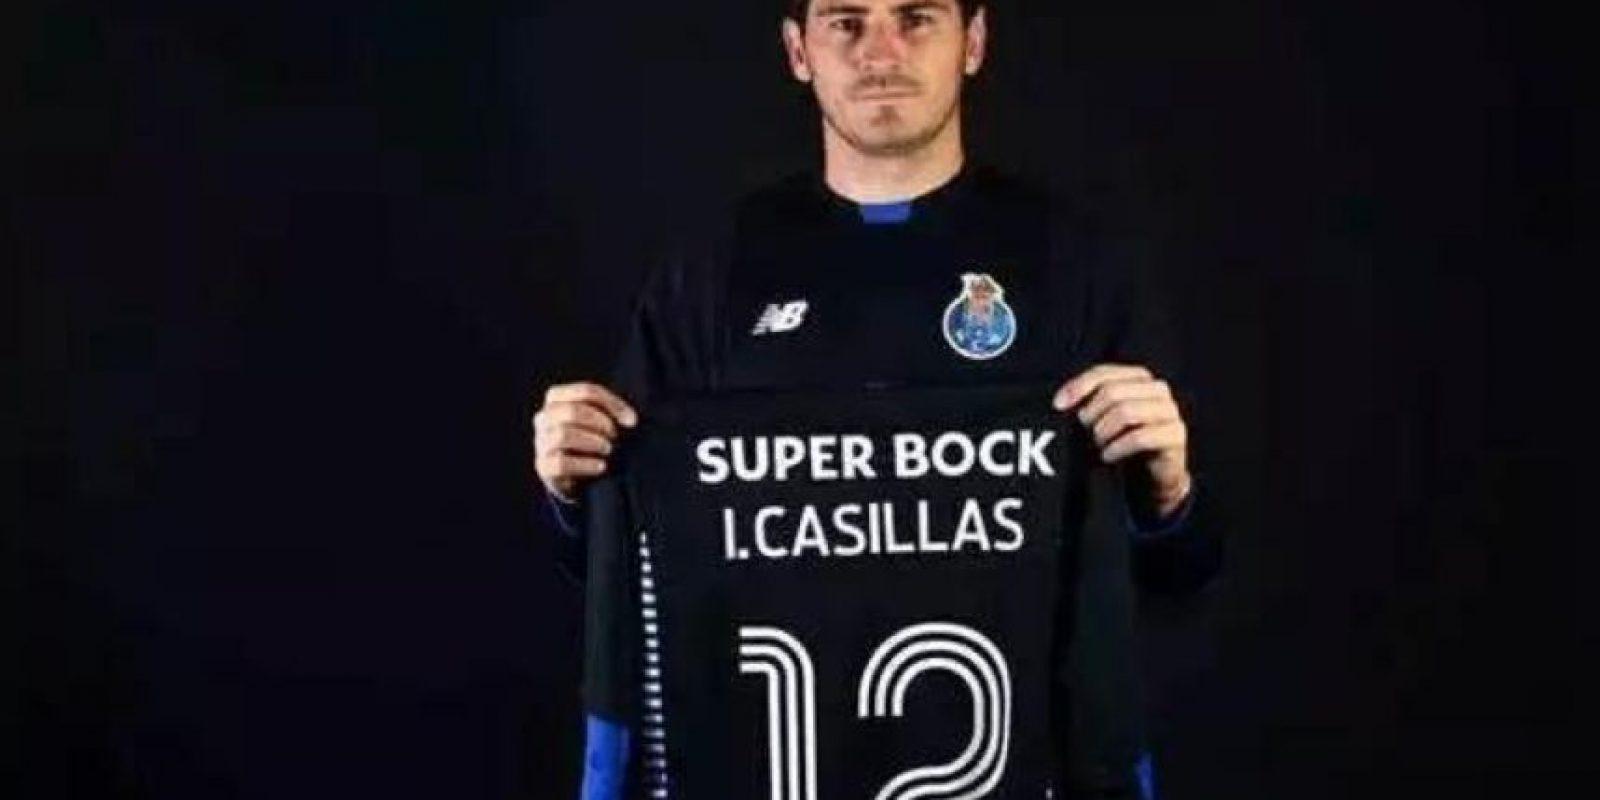 """El arquero español portará el dorsal """"12"""" Foto:Vía twitter.com/futbolfichajes"""